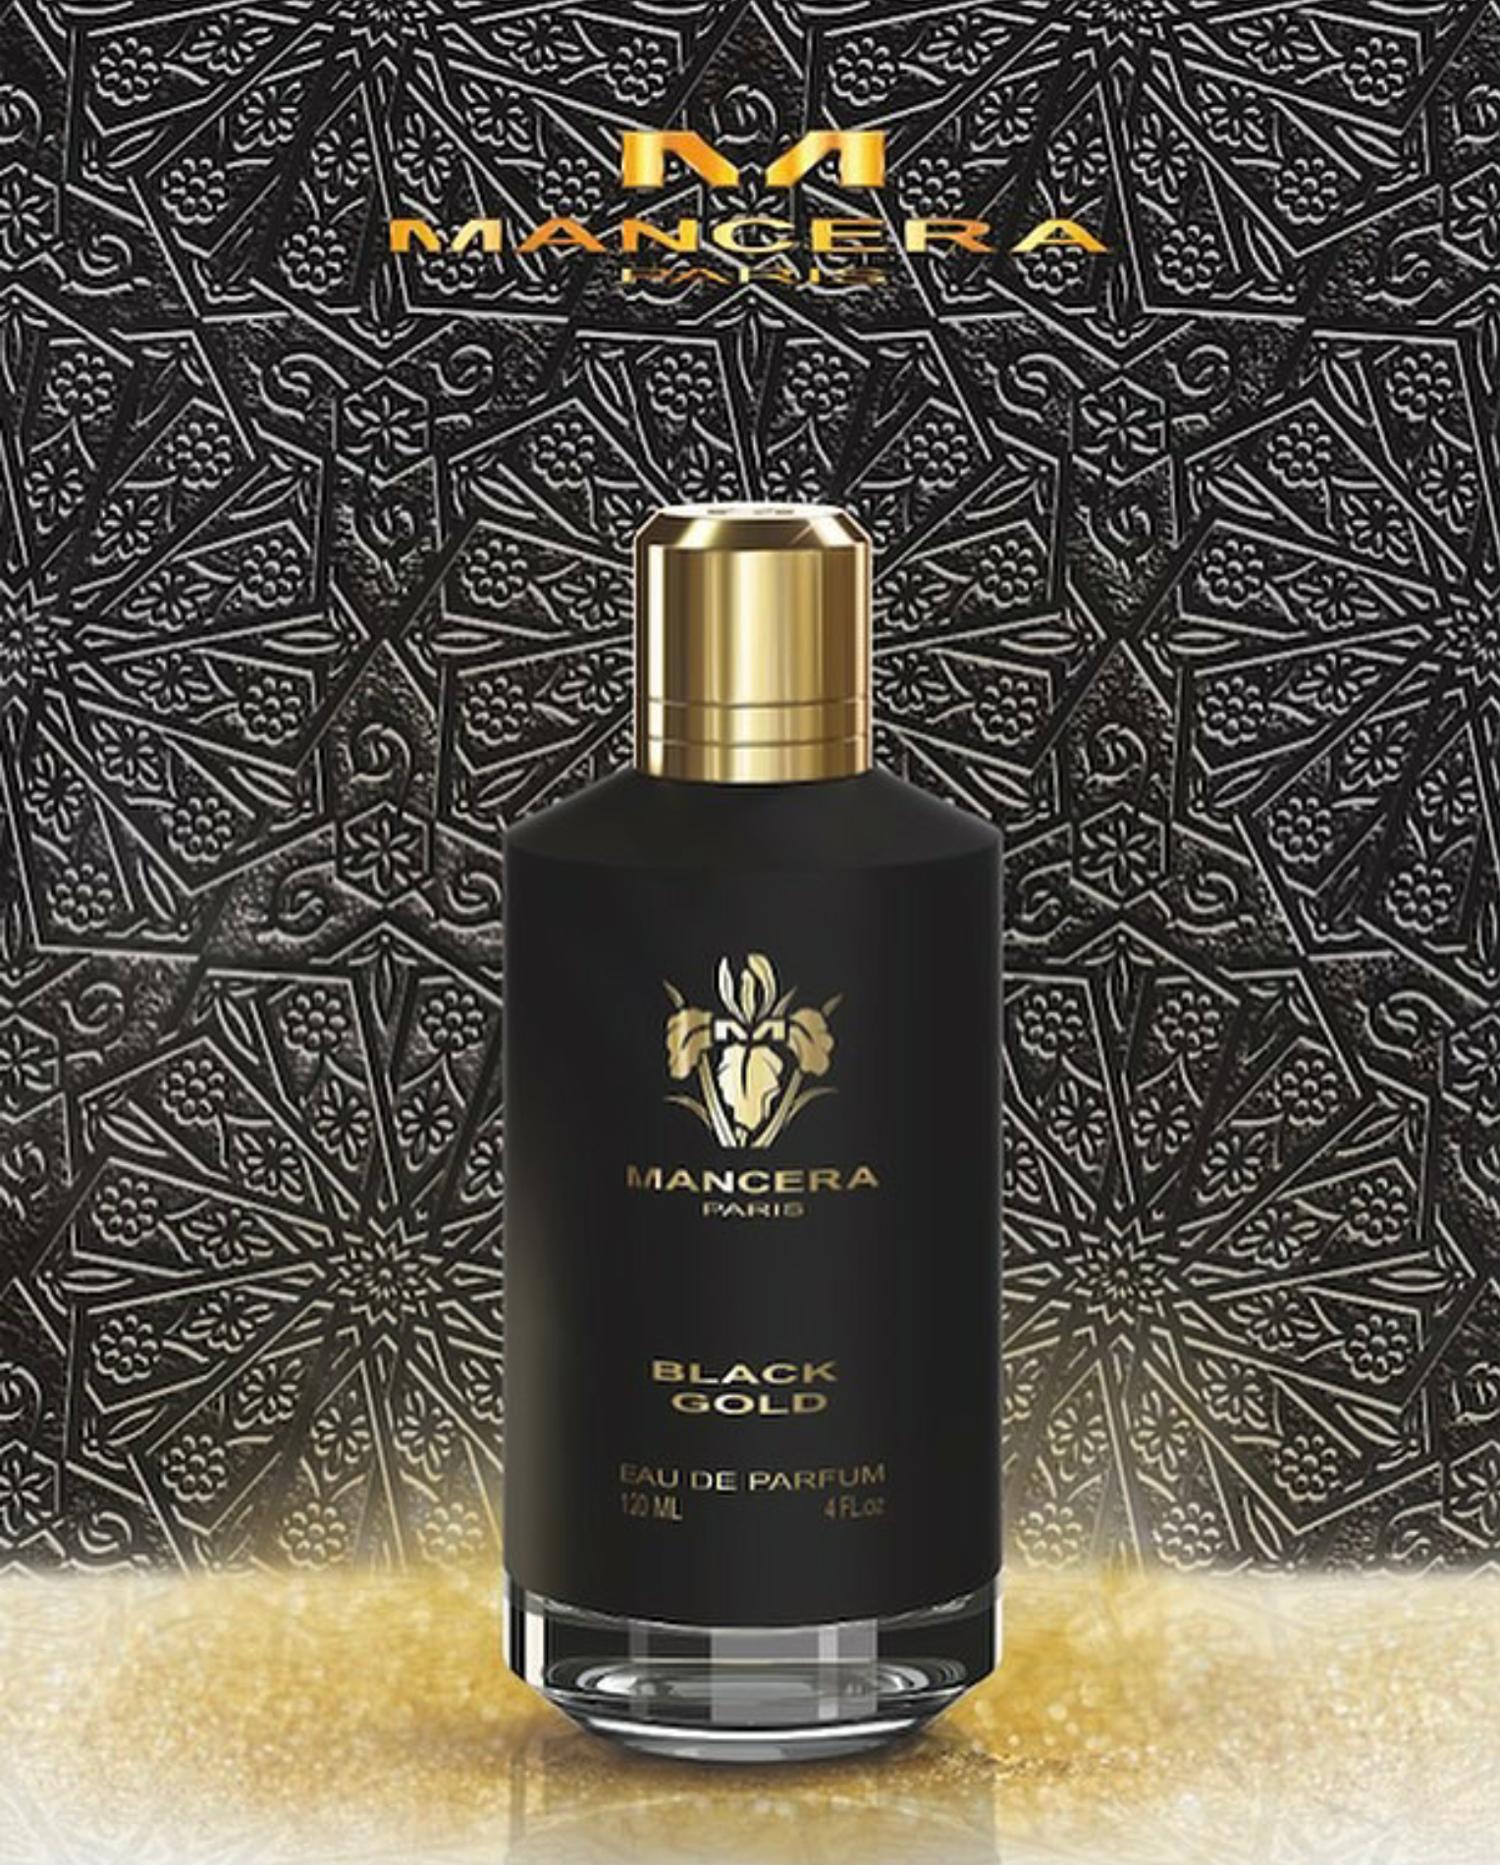 c07f56133 العطر الجديد من مانسيرا باريس Paris Black Gold ~ عطور نيش